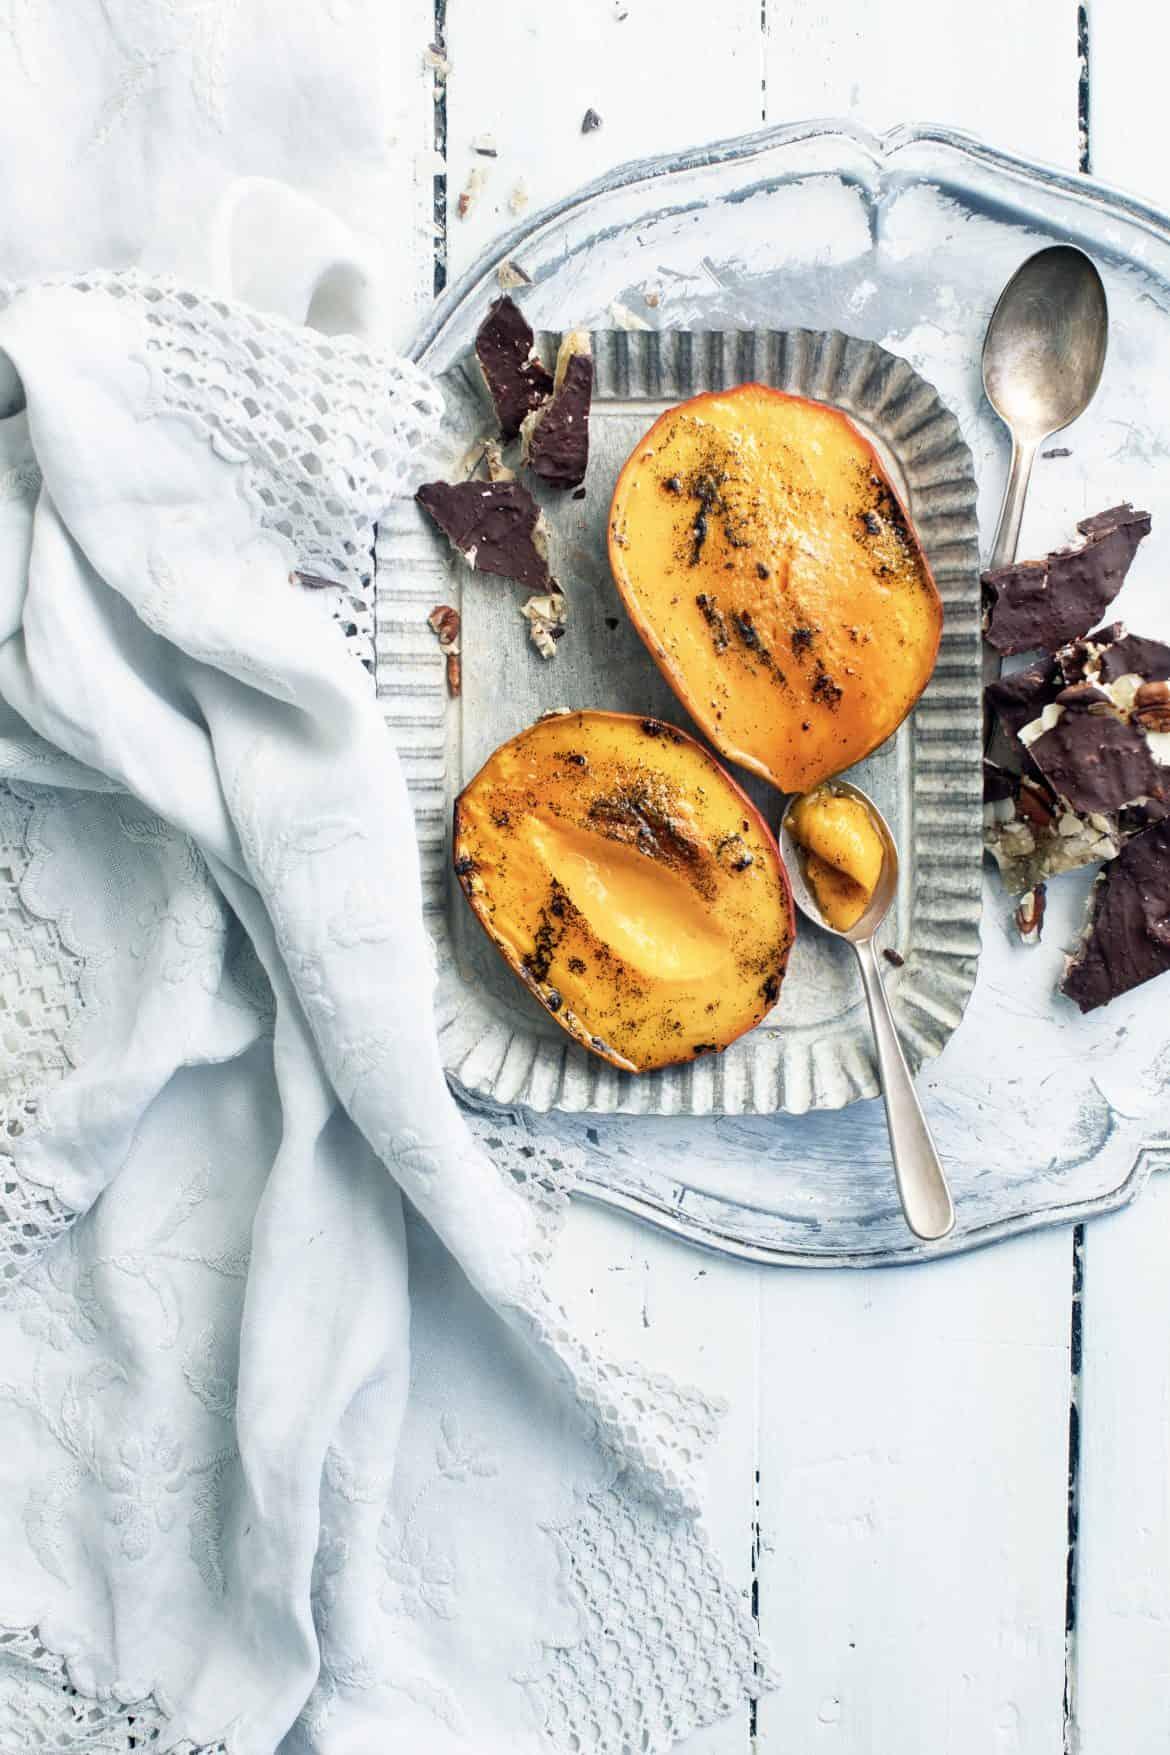 Caramel d'amandes au chocolat et mangue rôtie